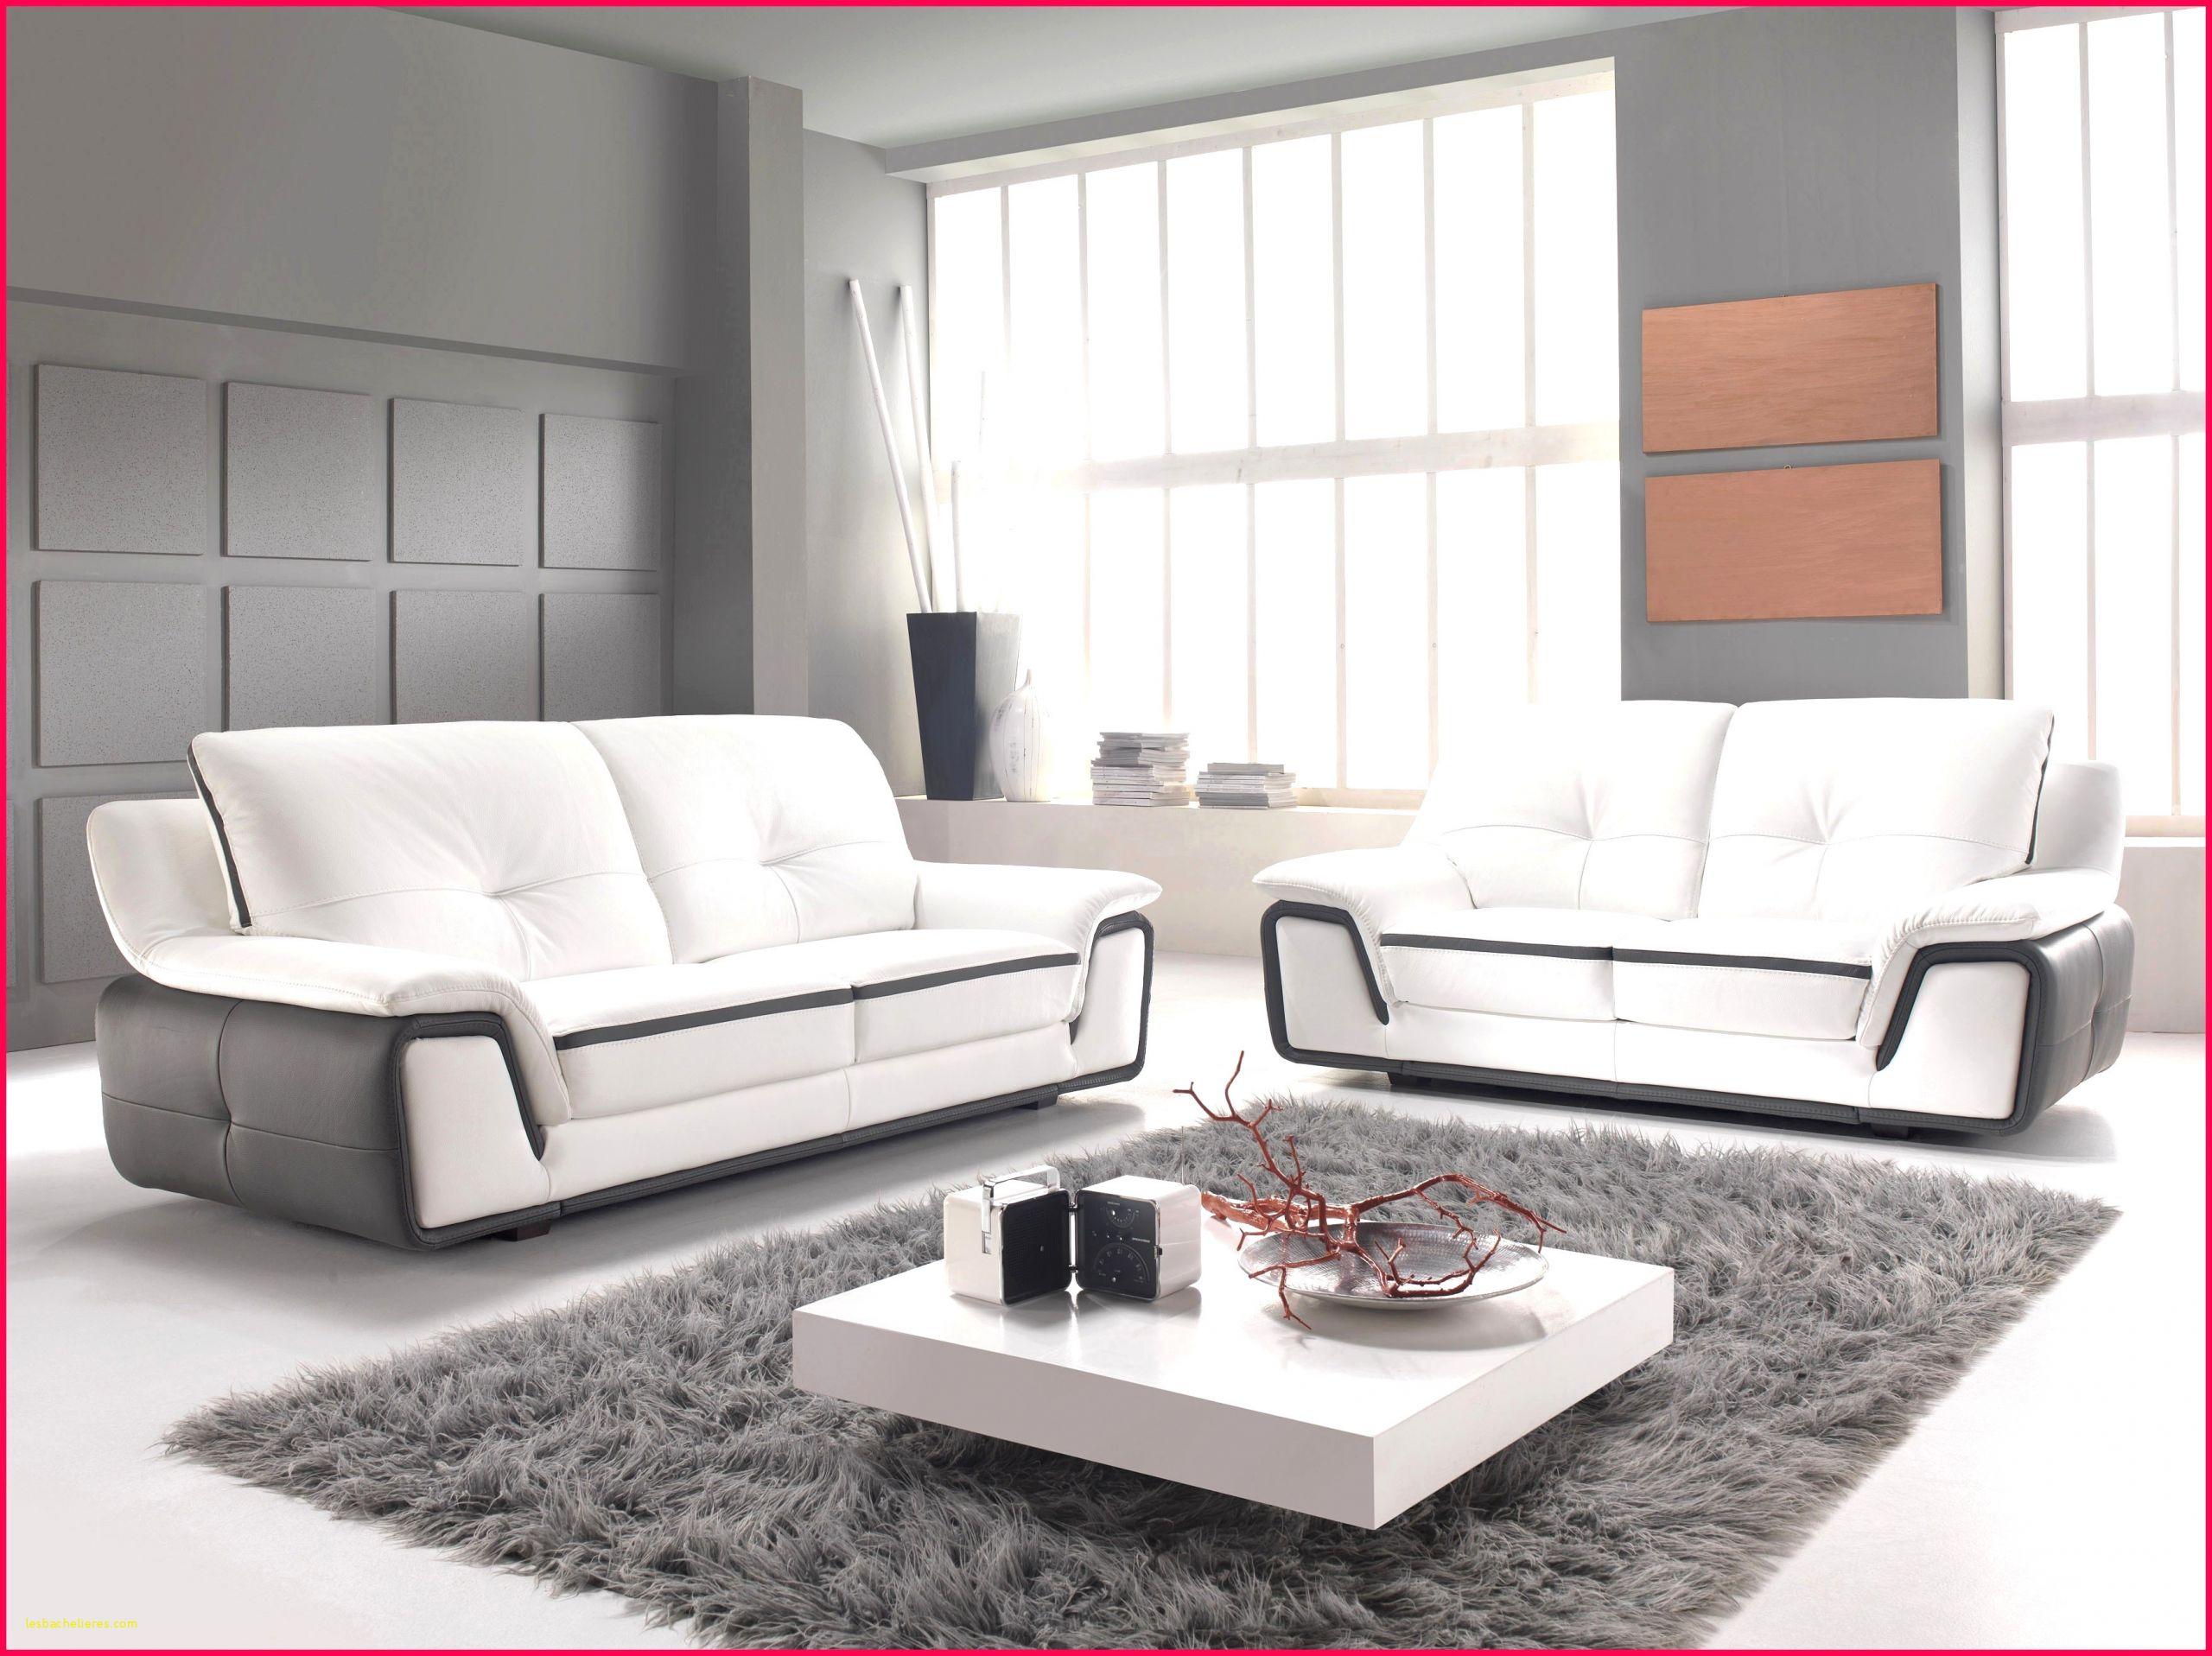 magasin meuble turc 95 magasin meuble turc 95 magasin meuble turc 95 bonne qualite jenny jack of magasin meuble turc 95 1